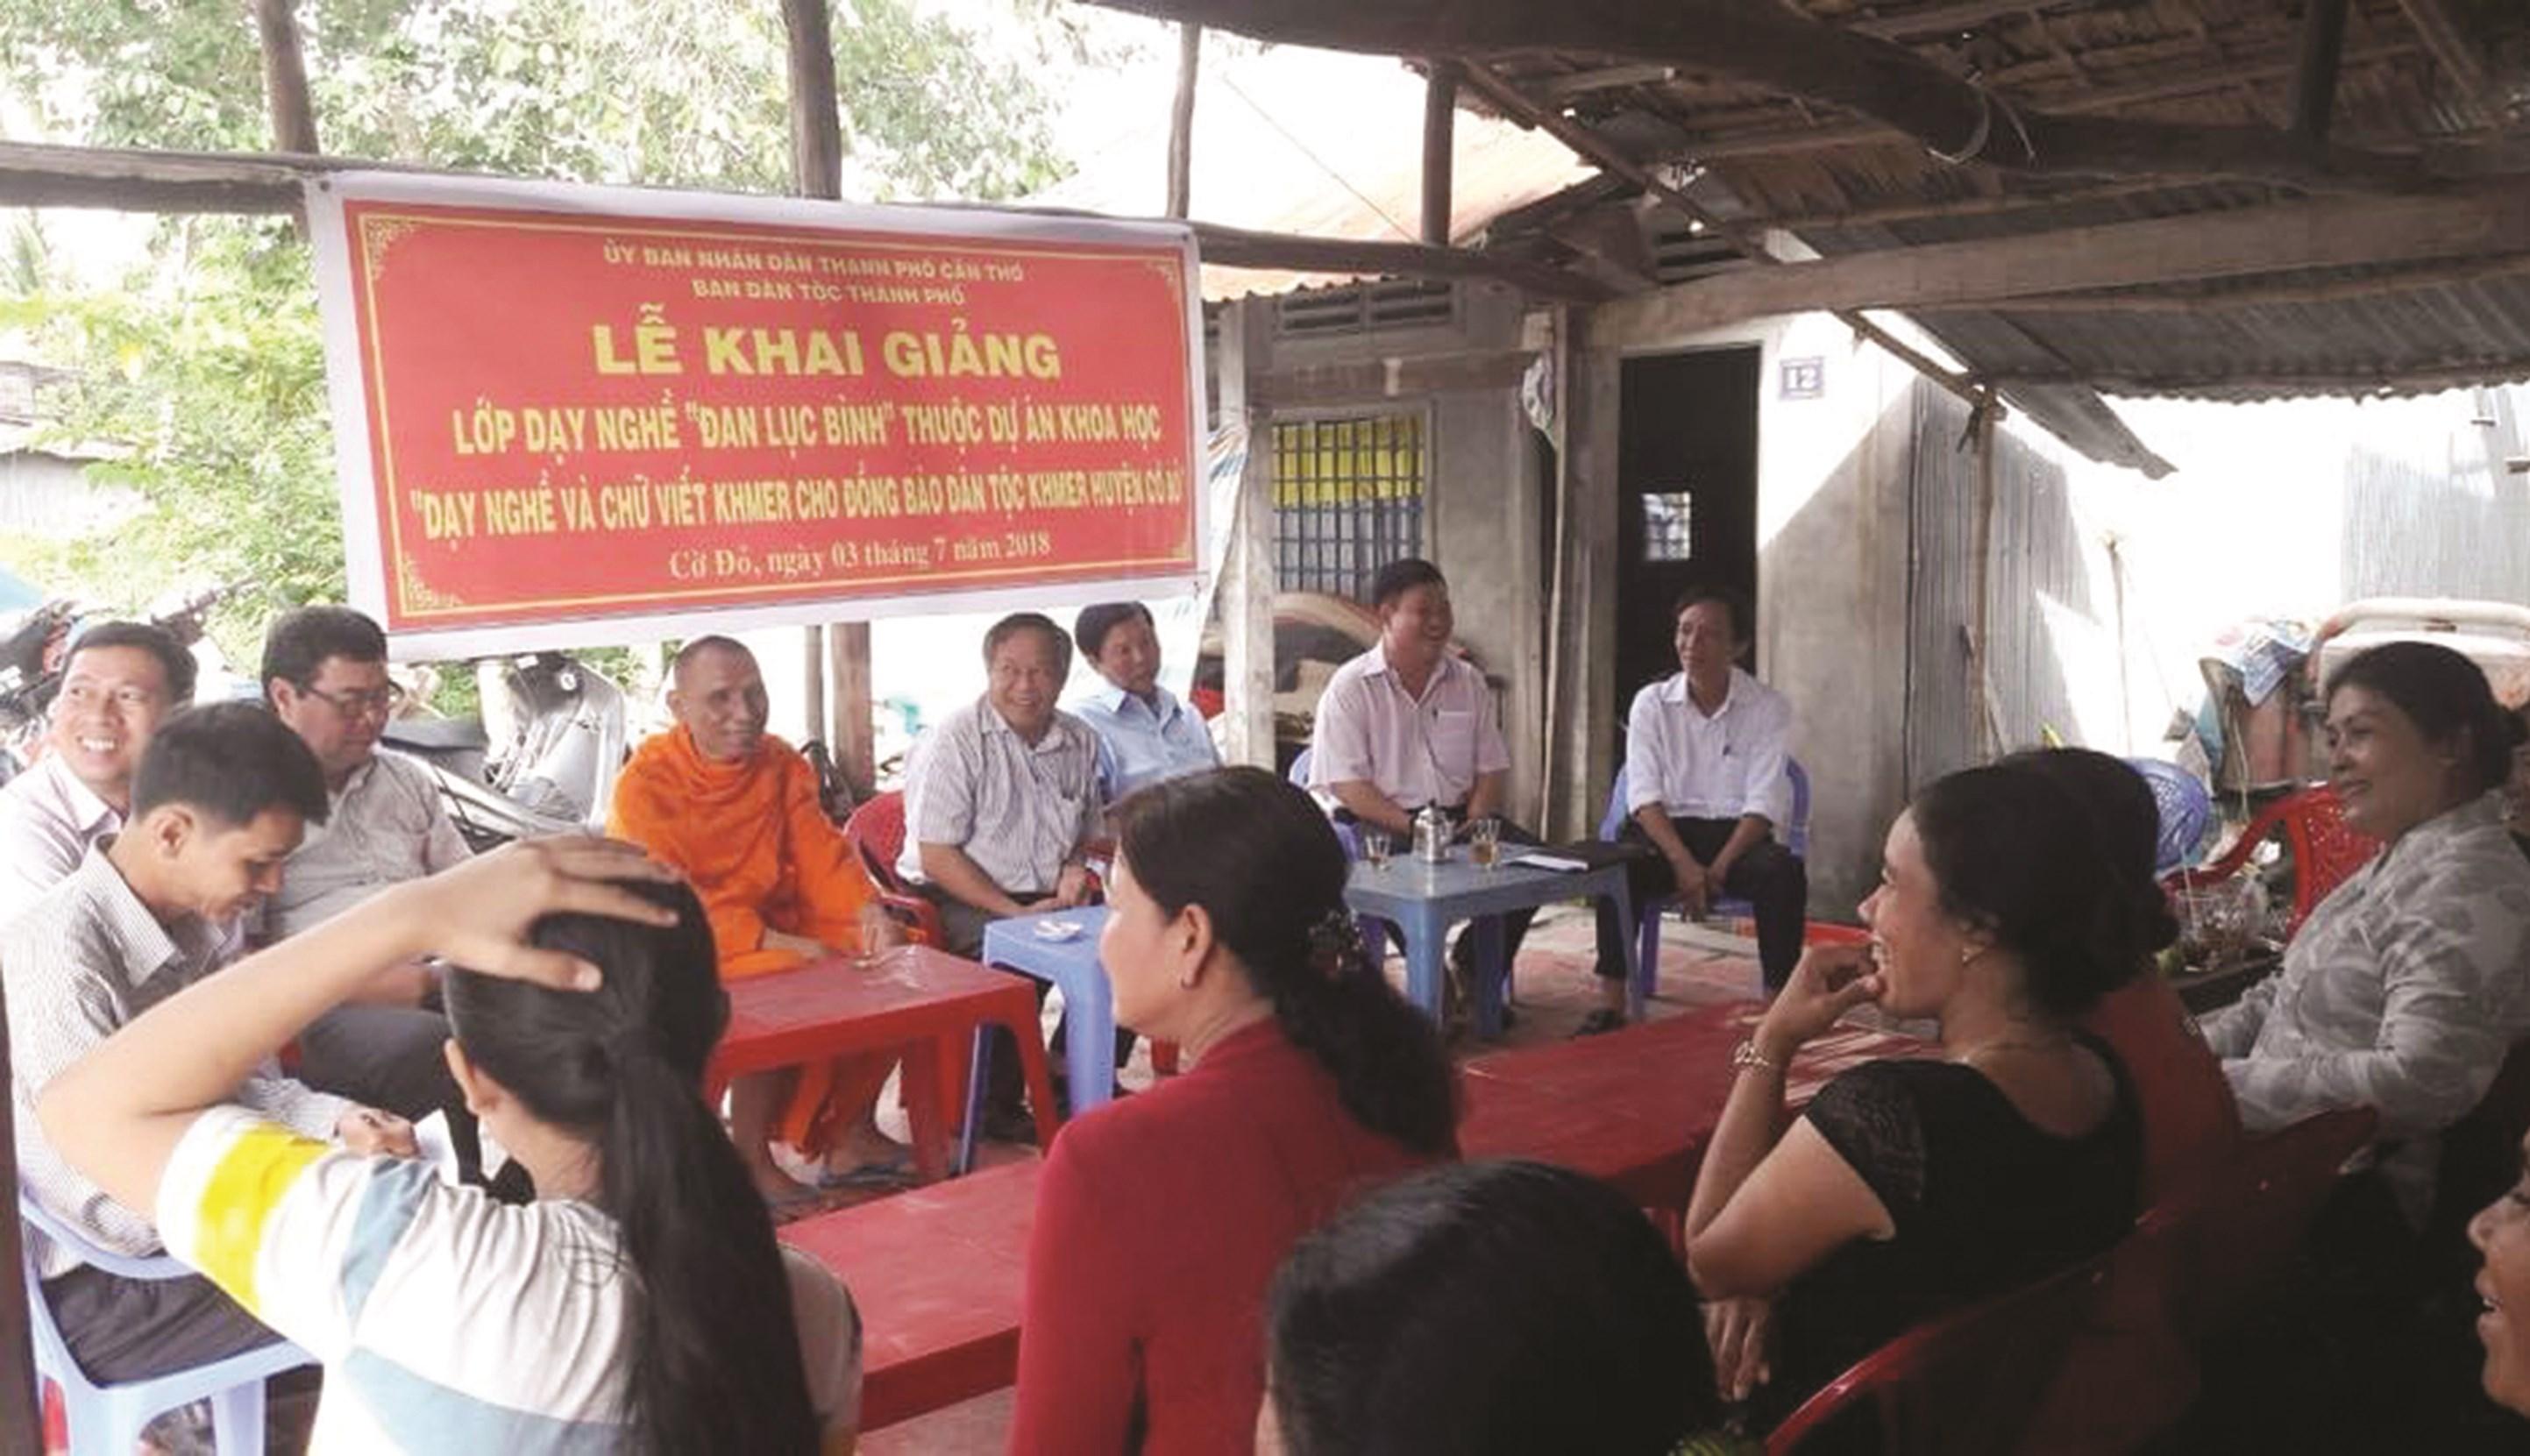 Dự án dạy nghề và tiếng Khmer của Ban Dân tộc TP. Cần Thơ đã hỗ trợ hàng trăm hộ gia đình tham gia dự án có việc làm thường xuyên.